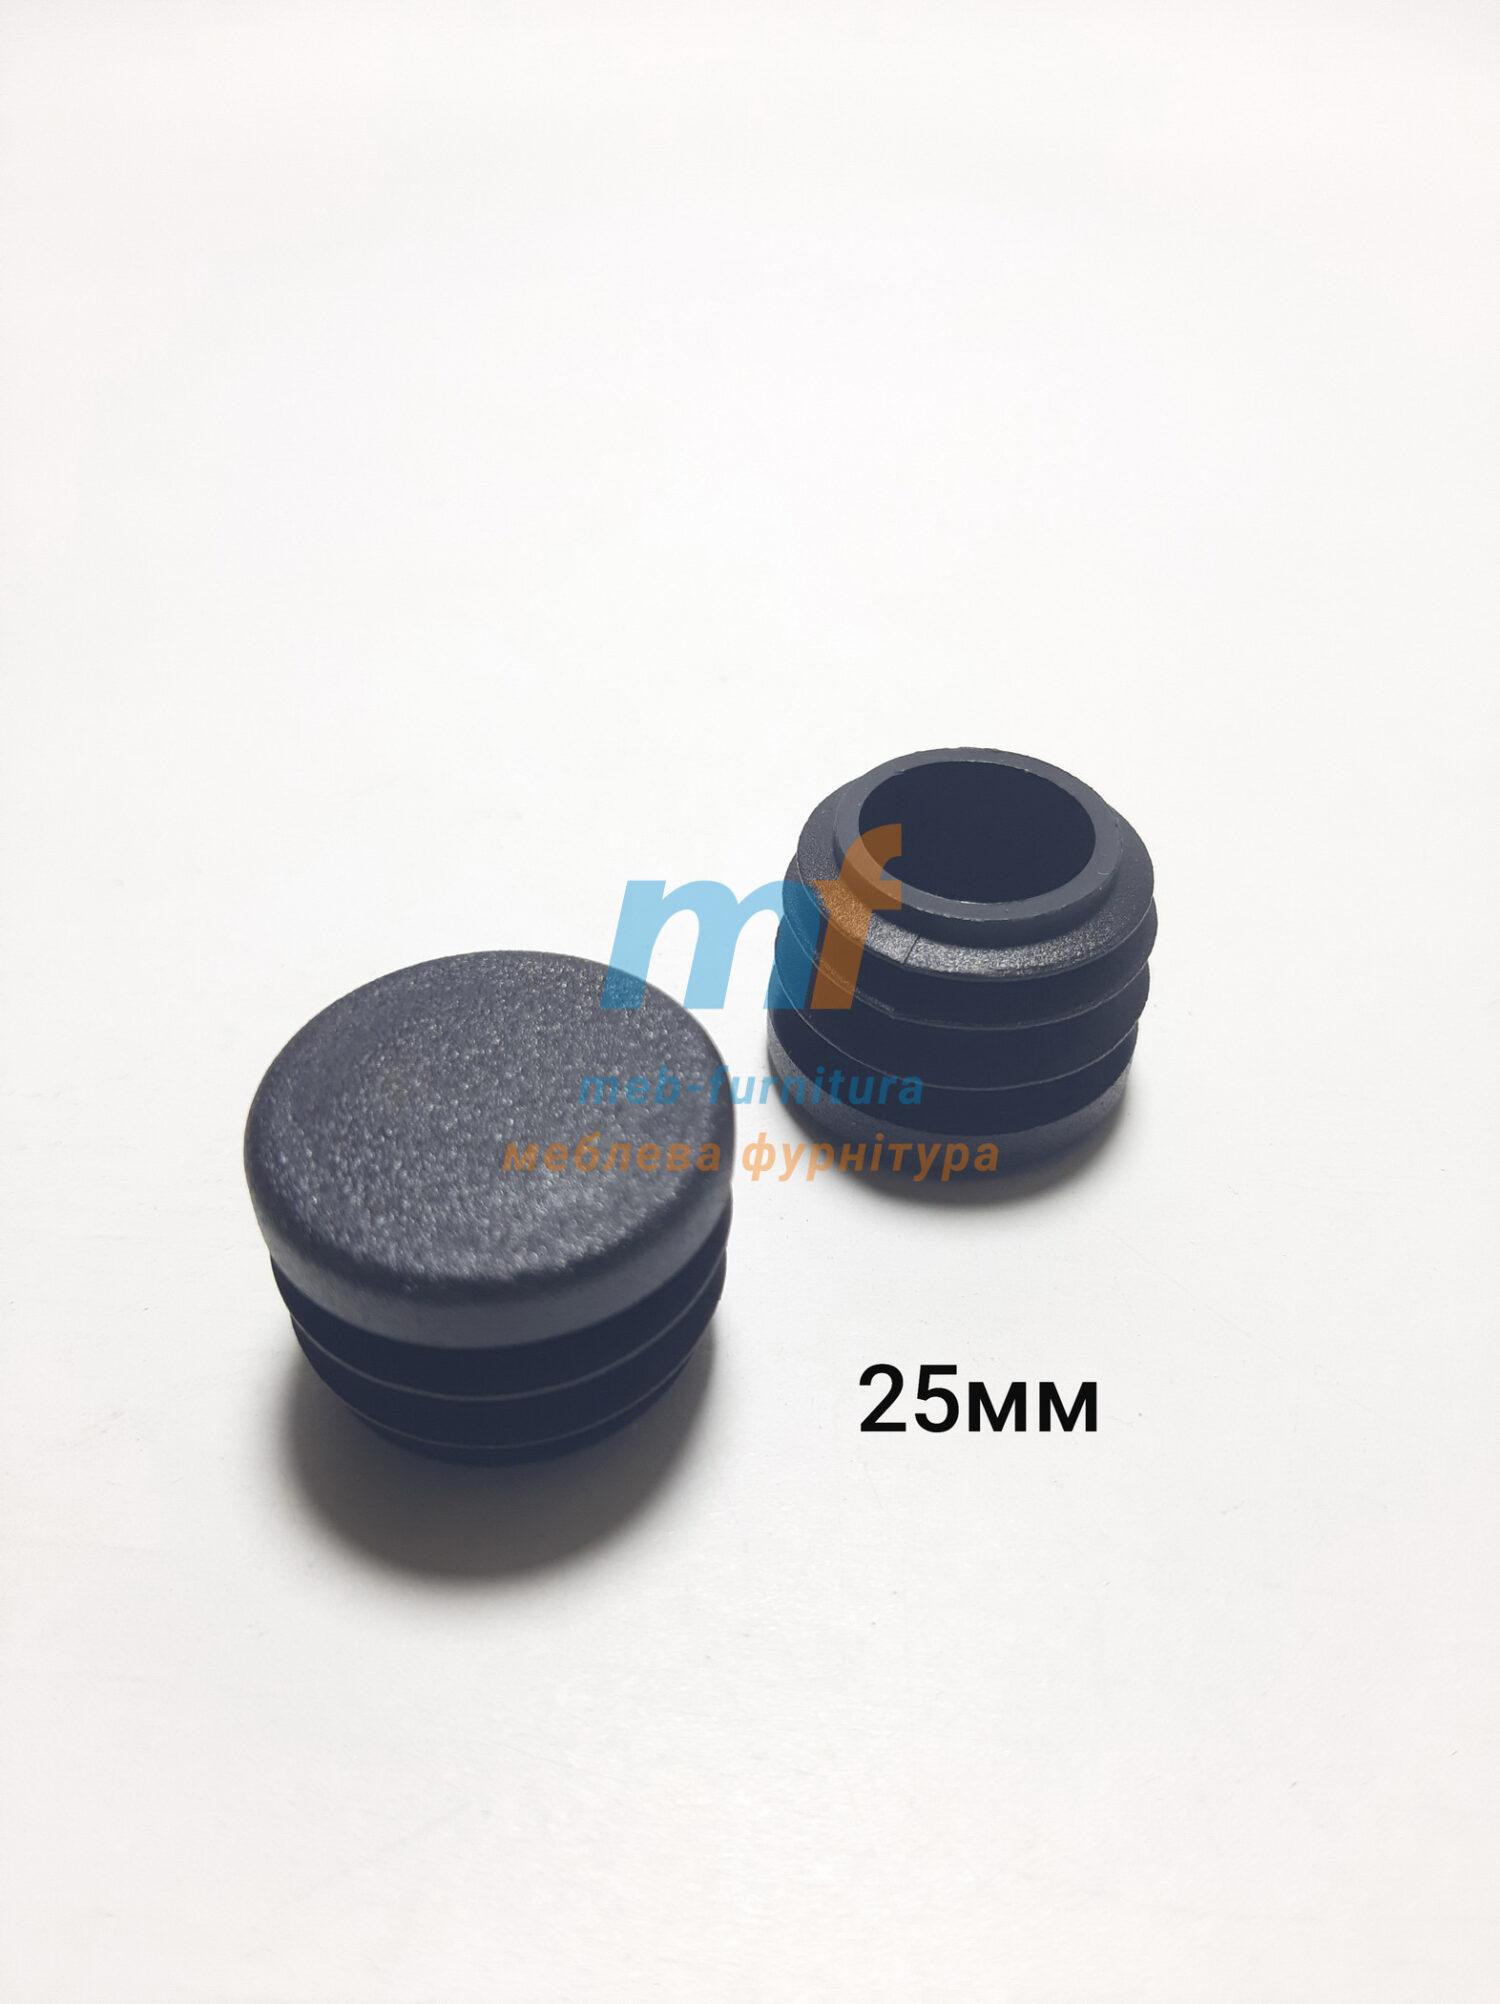 Заглушки для труб круглые D25